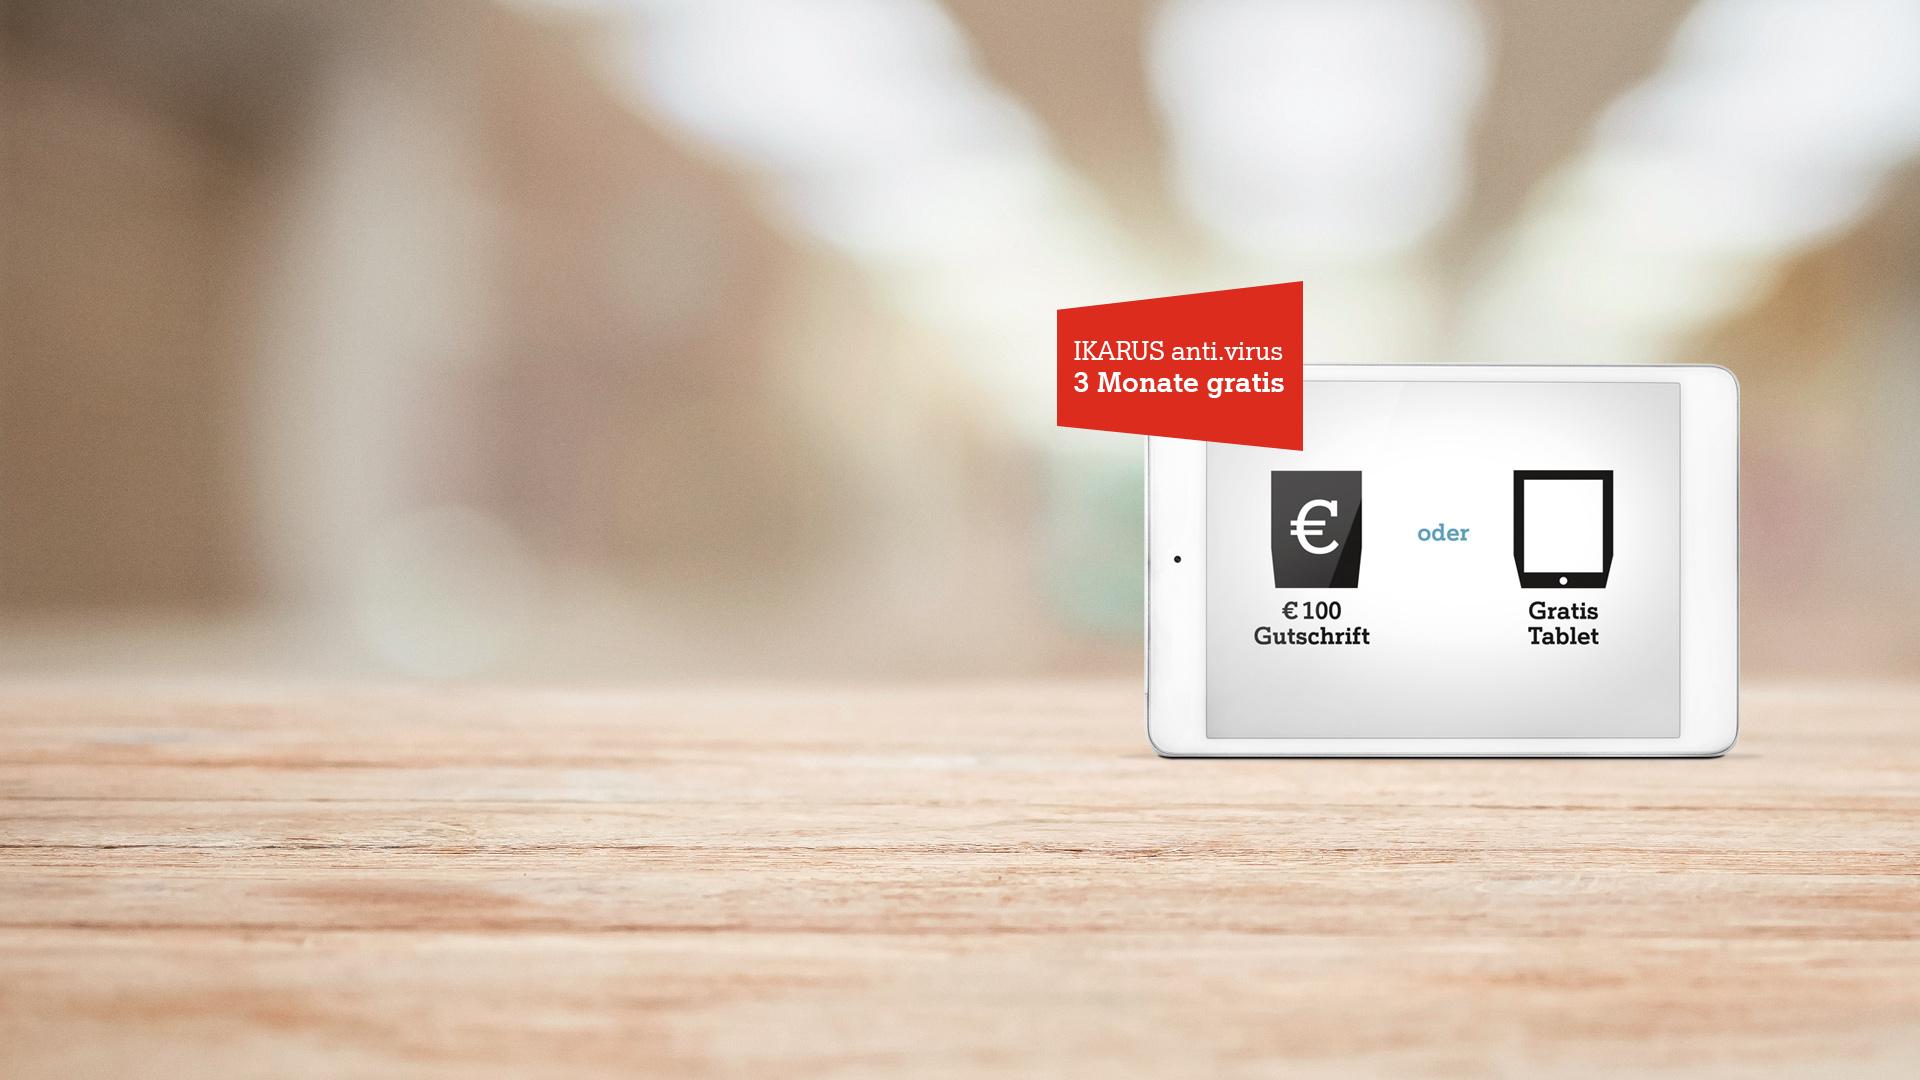 Minus 10 Euro + 100 Eur Gutschrift oder Gratis Tablet bei Bus Festnetz Internet Neubestellung